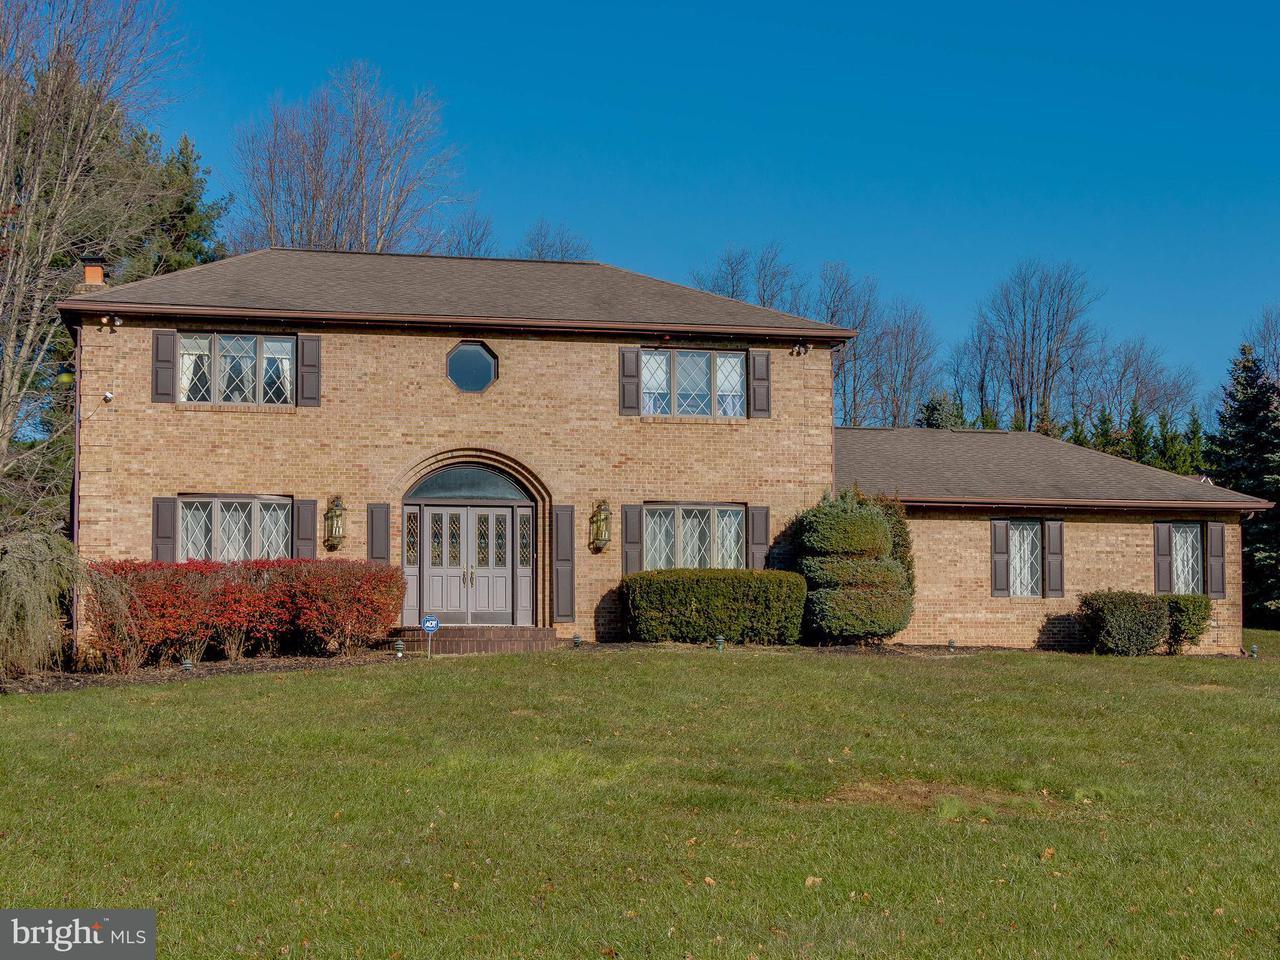 Casa Unifamiliar por un Venta en 7002 MOUNT VISTA Road 7002 MOUNT VISTA Road Kingsville, Maryland 21087 Estados Unidos